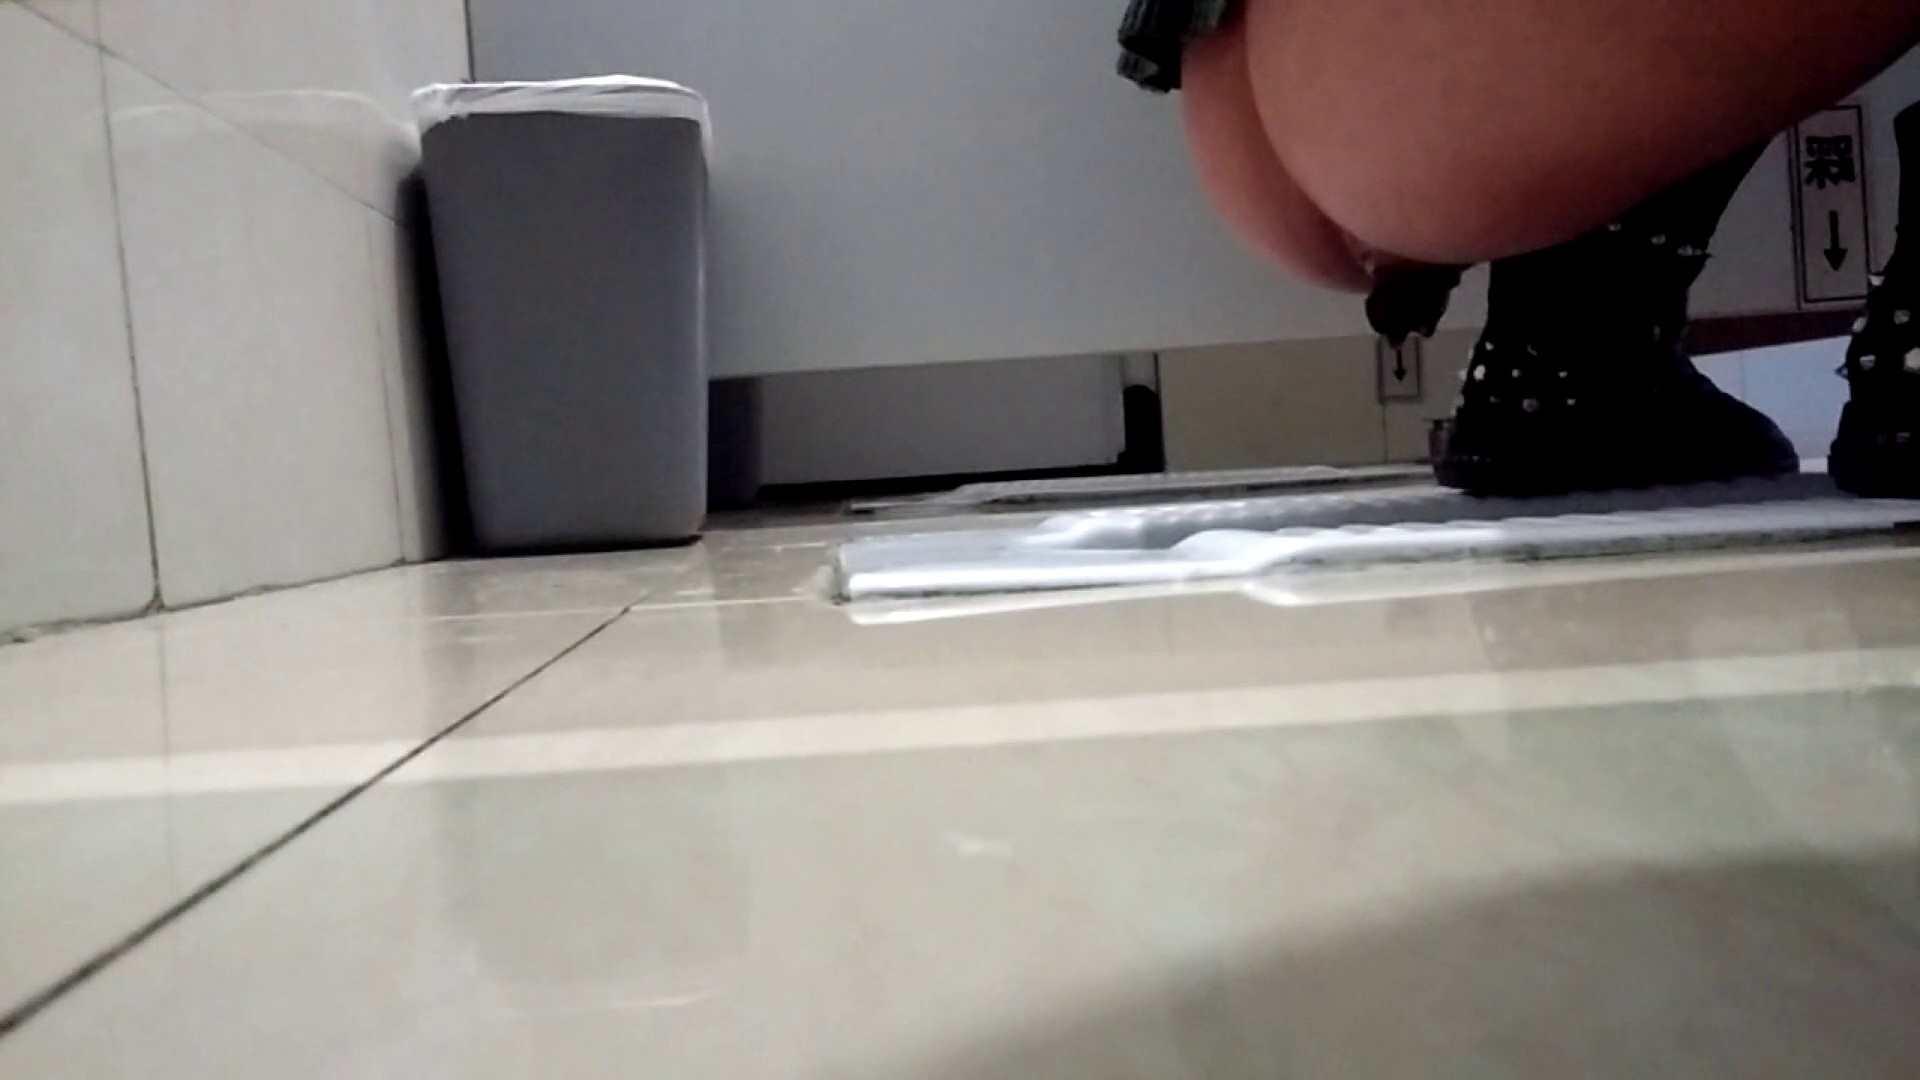 芸術大学ガチ潜入盗撮 JD盗撮 美女の洗面所の秘密 Vol.100 美女  105PIX 55